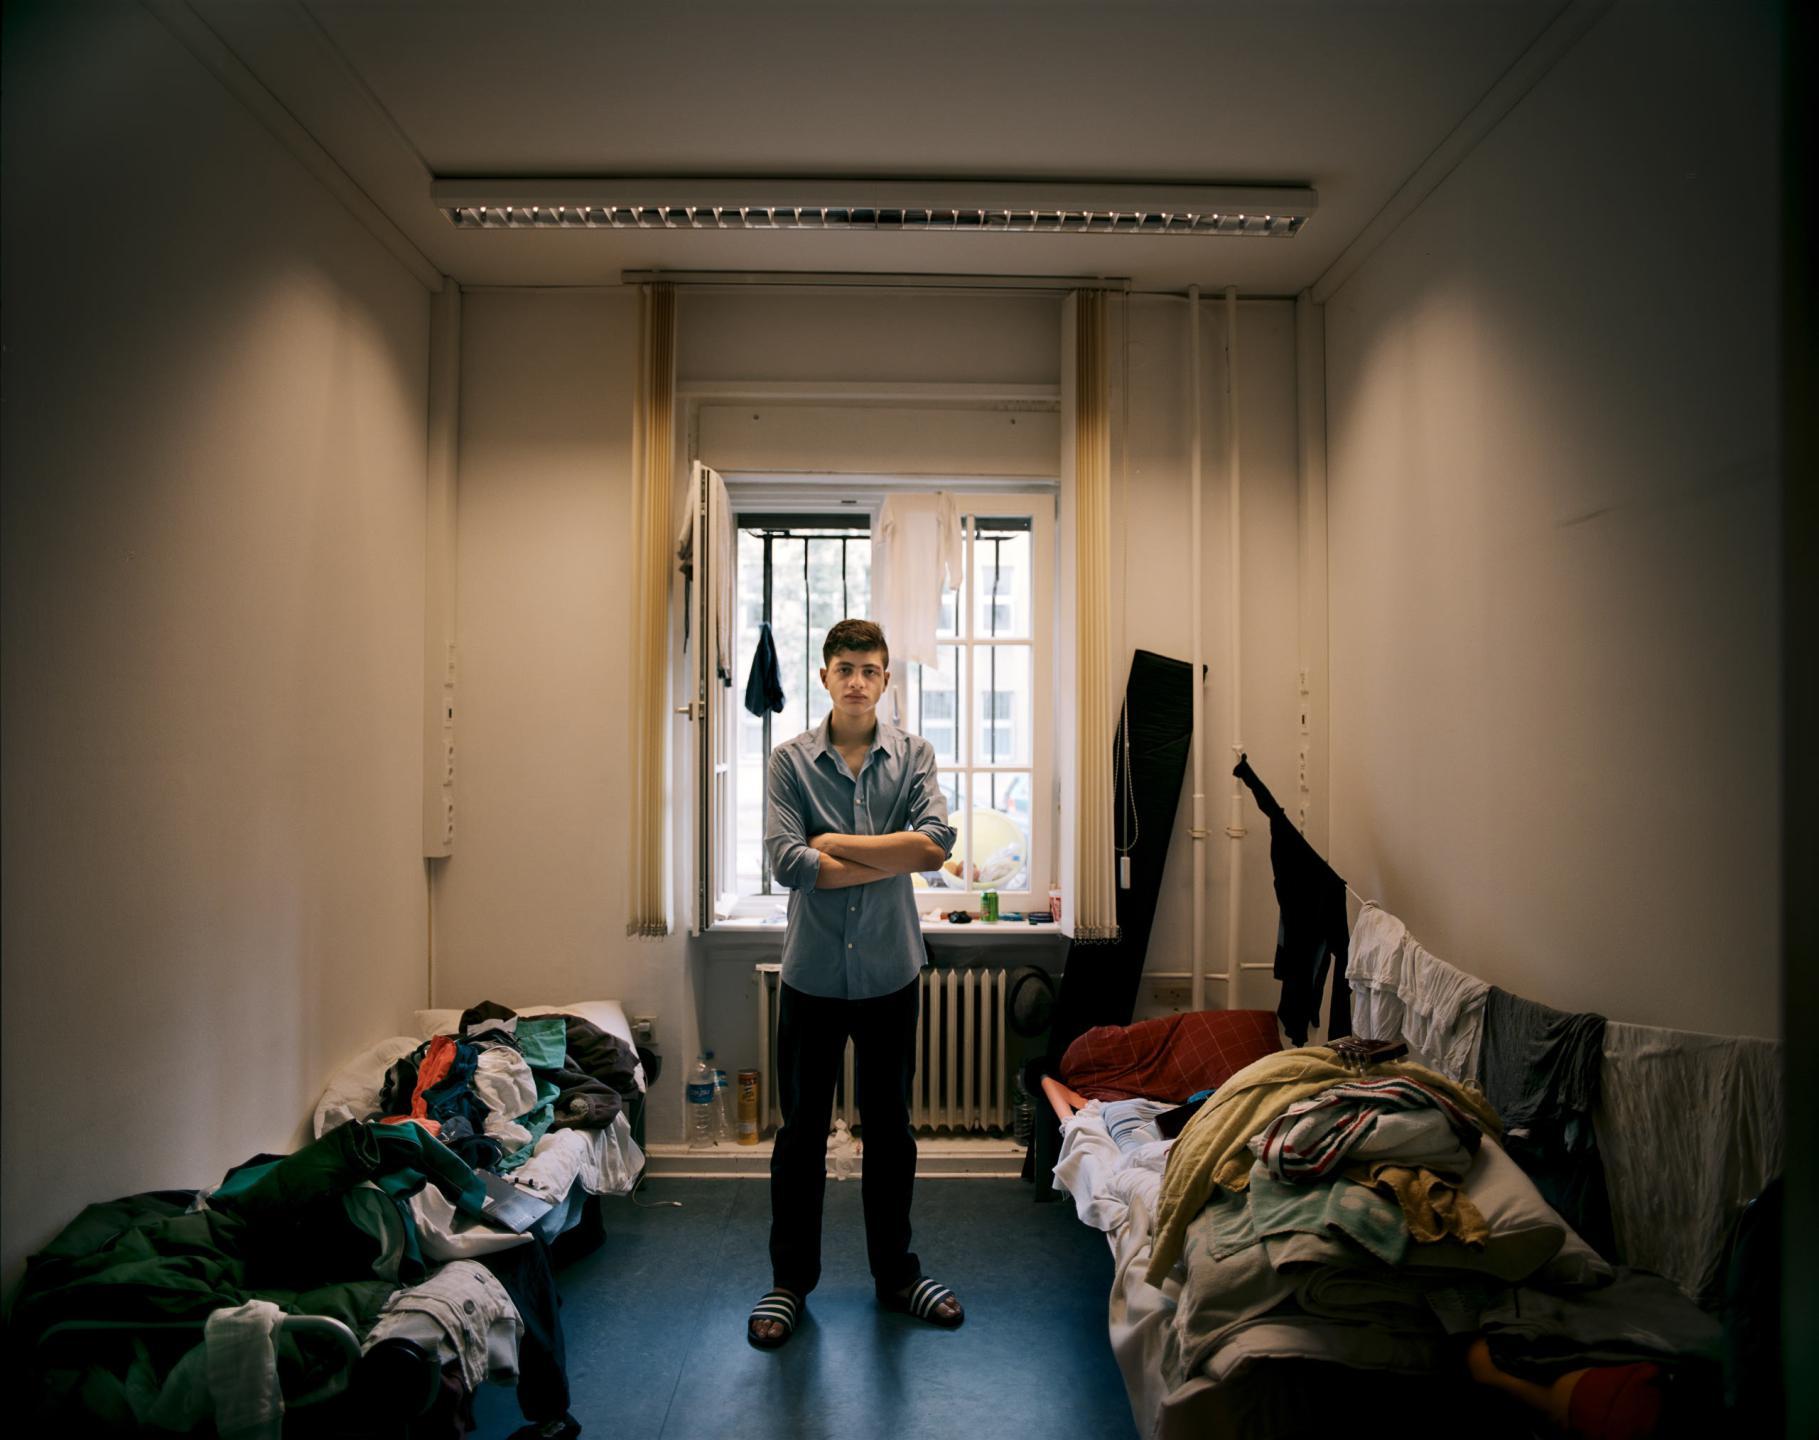 фотографии беженцев в Европе, сирийцы, афганцы-8